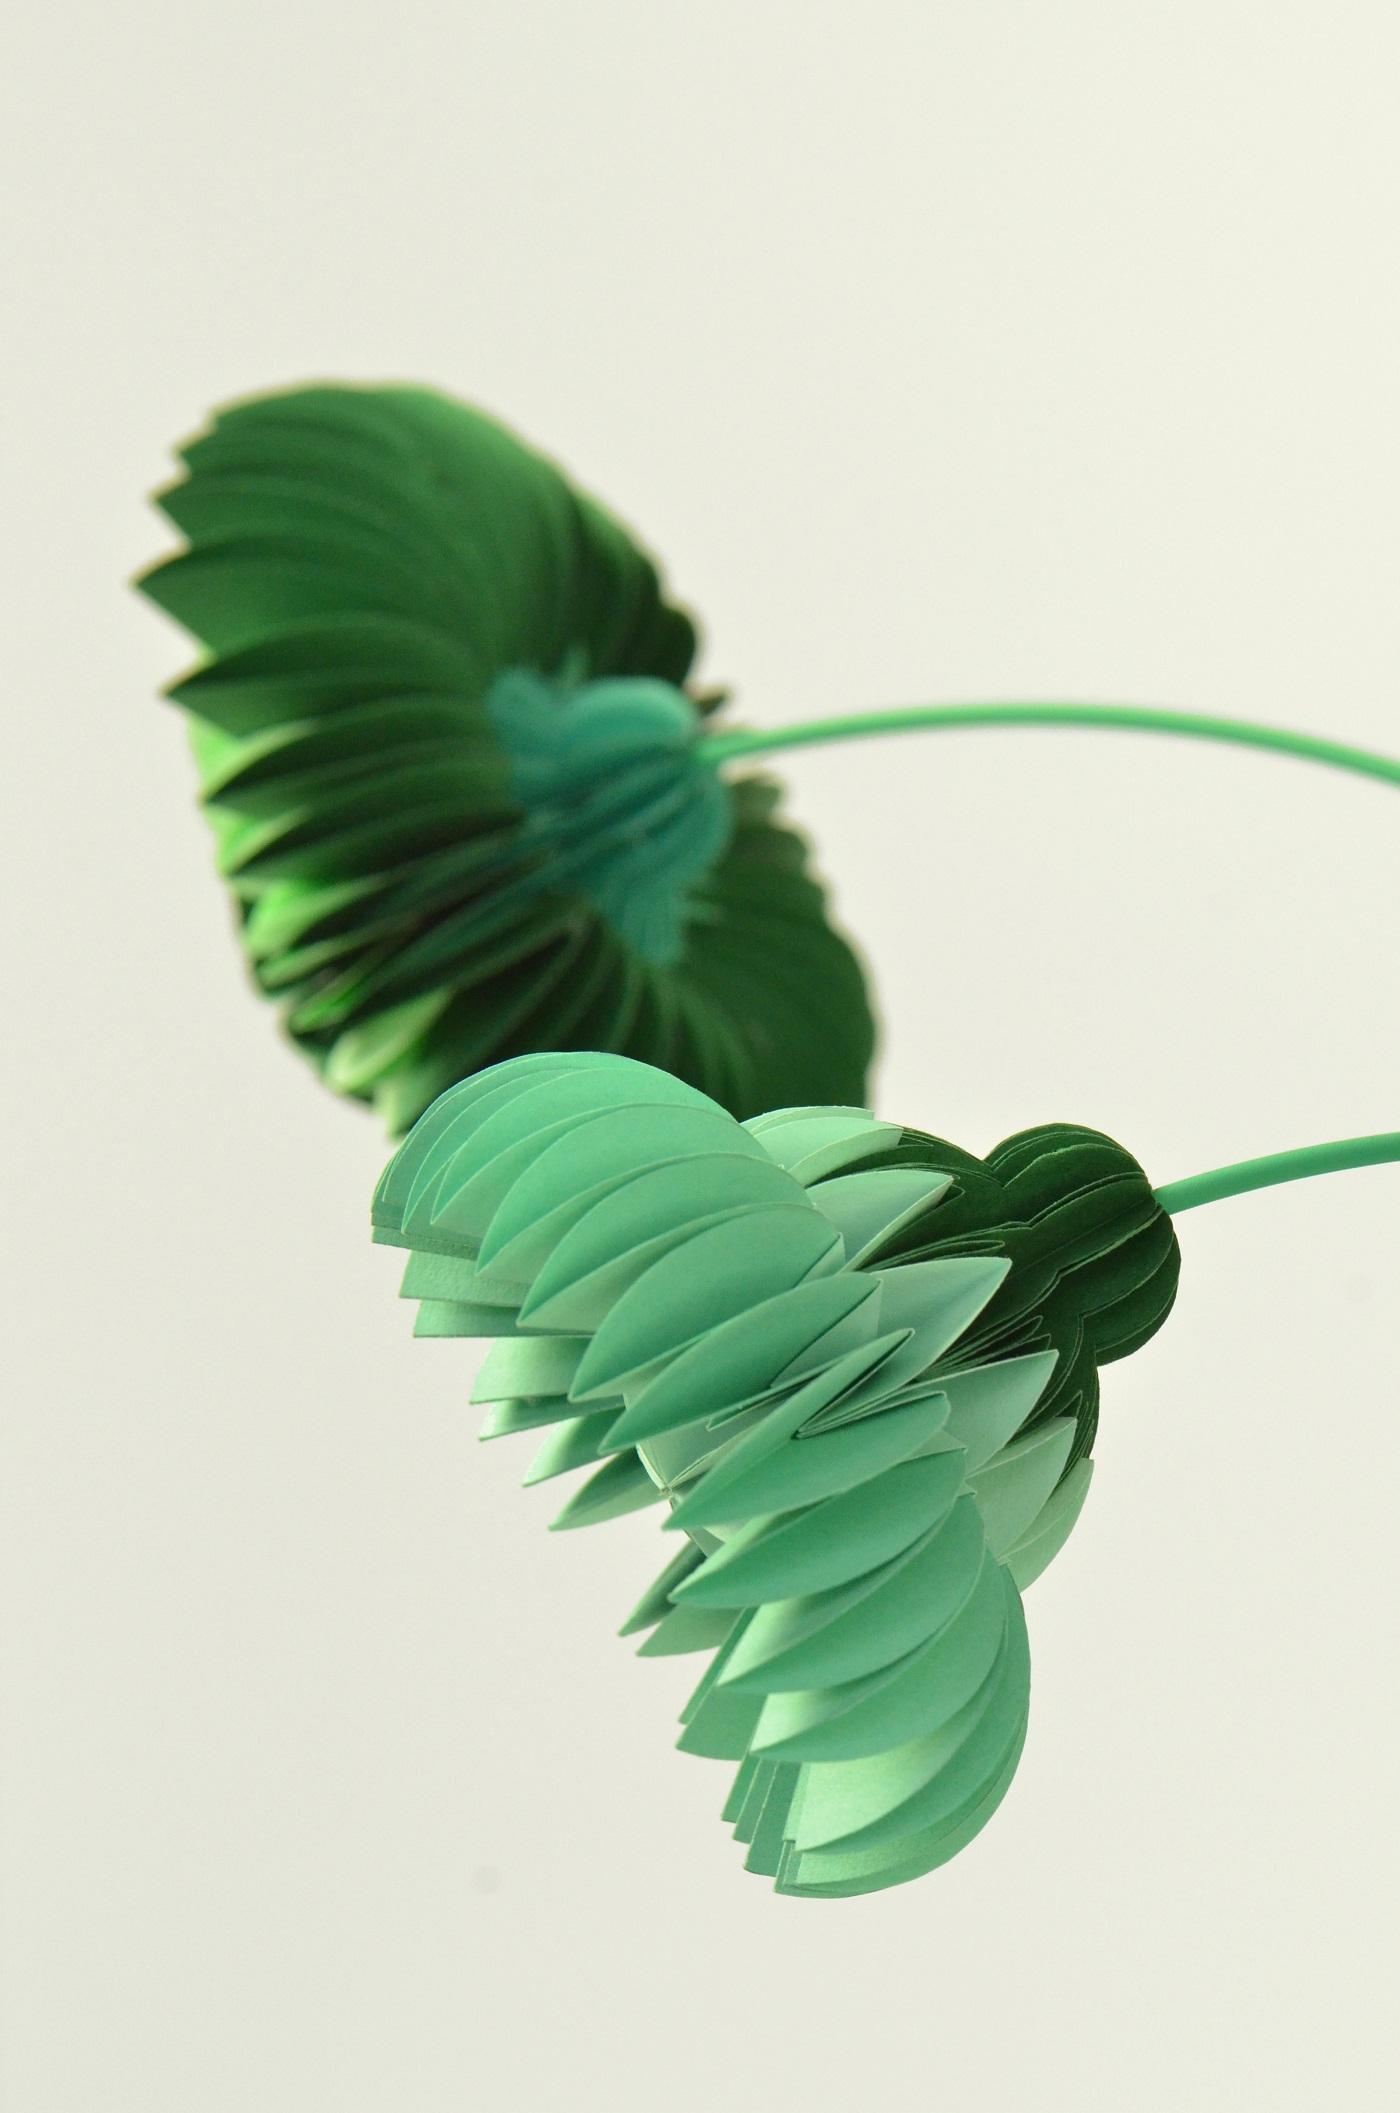 Papieren bloemen in kleur groen van Jorine Oosterhoff